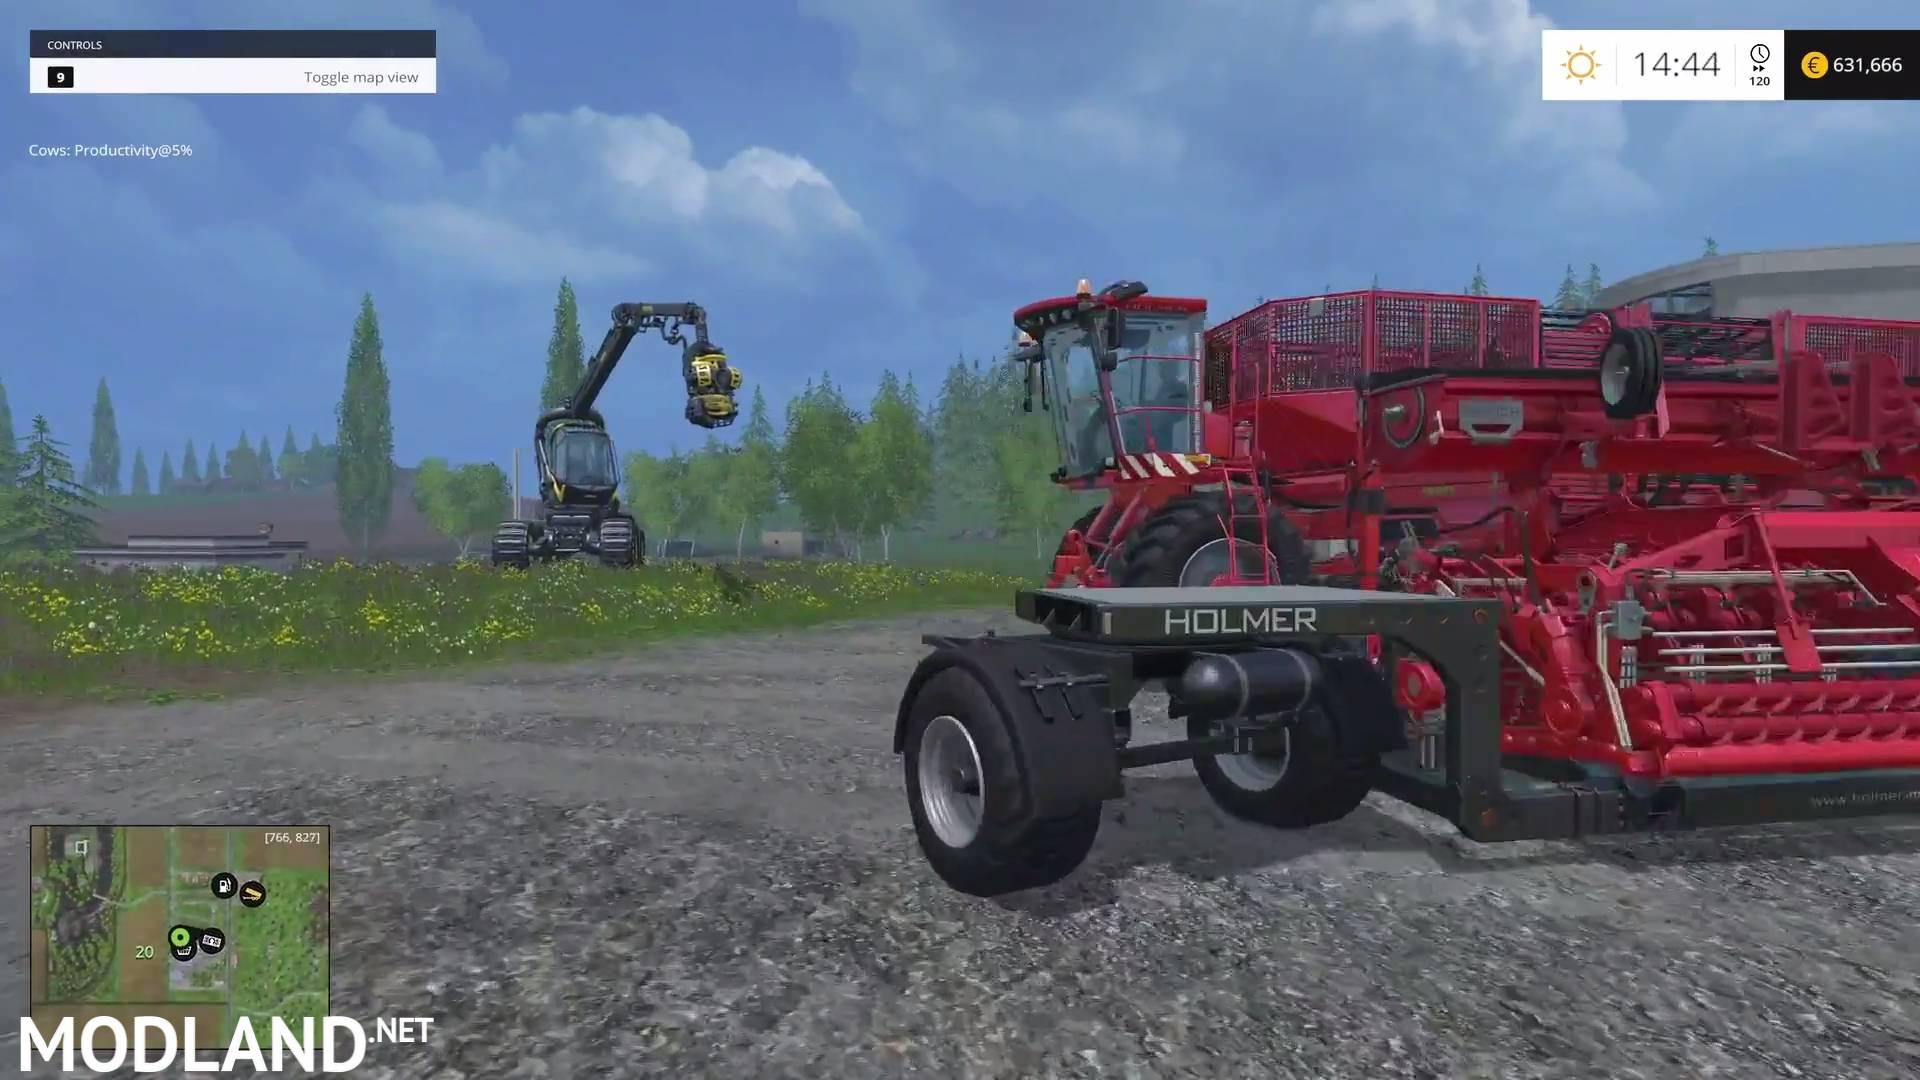 holmer dlc mod for farming simulator 2015 15 fs ls. Black Bedroom Furniture Sets. Home Design Ideas